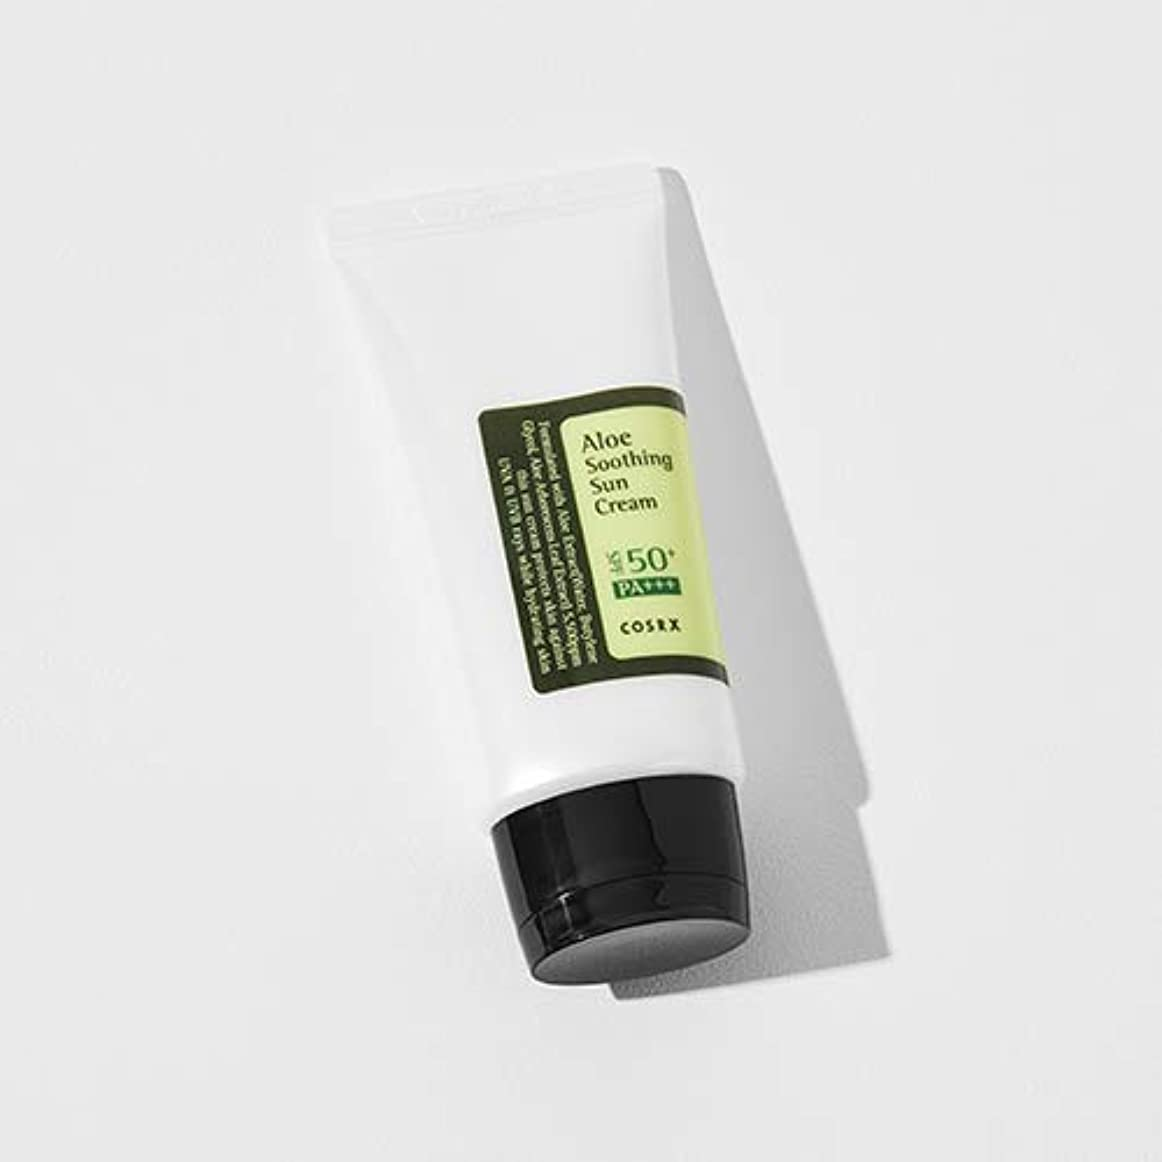 偽装する欺く期待して[COSRX] Aloe Soothing Sun Cream 50ml / [COSRX] アロエ スーディング サンクリーム 50ml [並行輸入品]